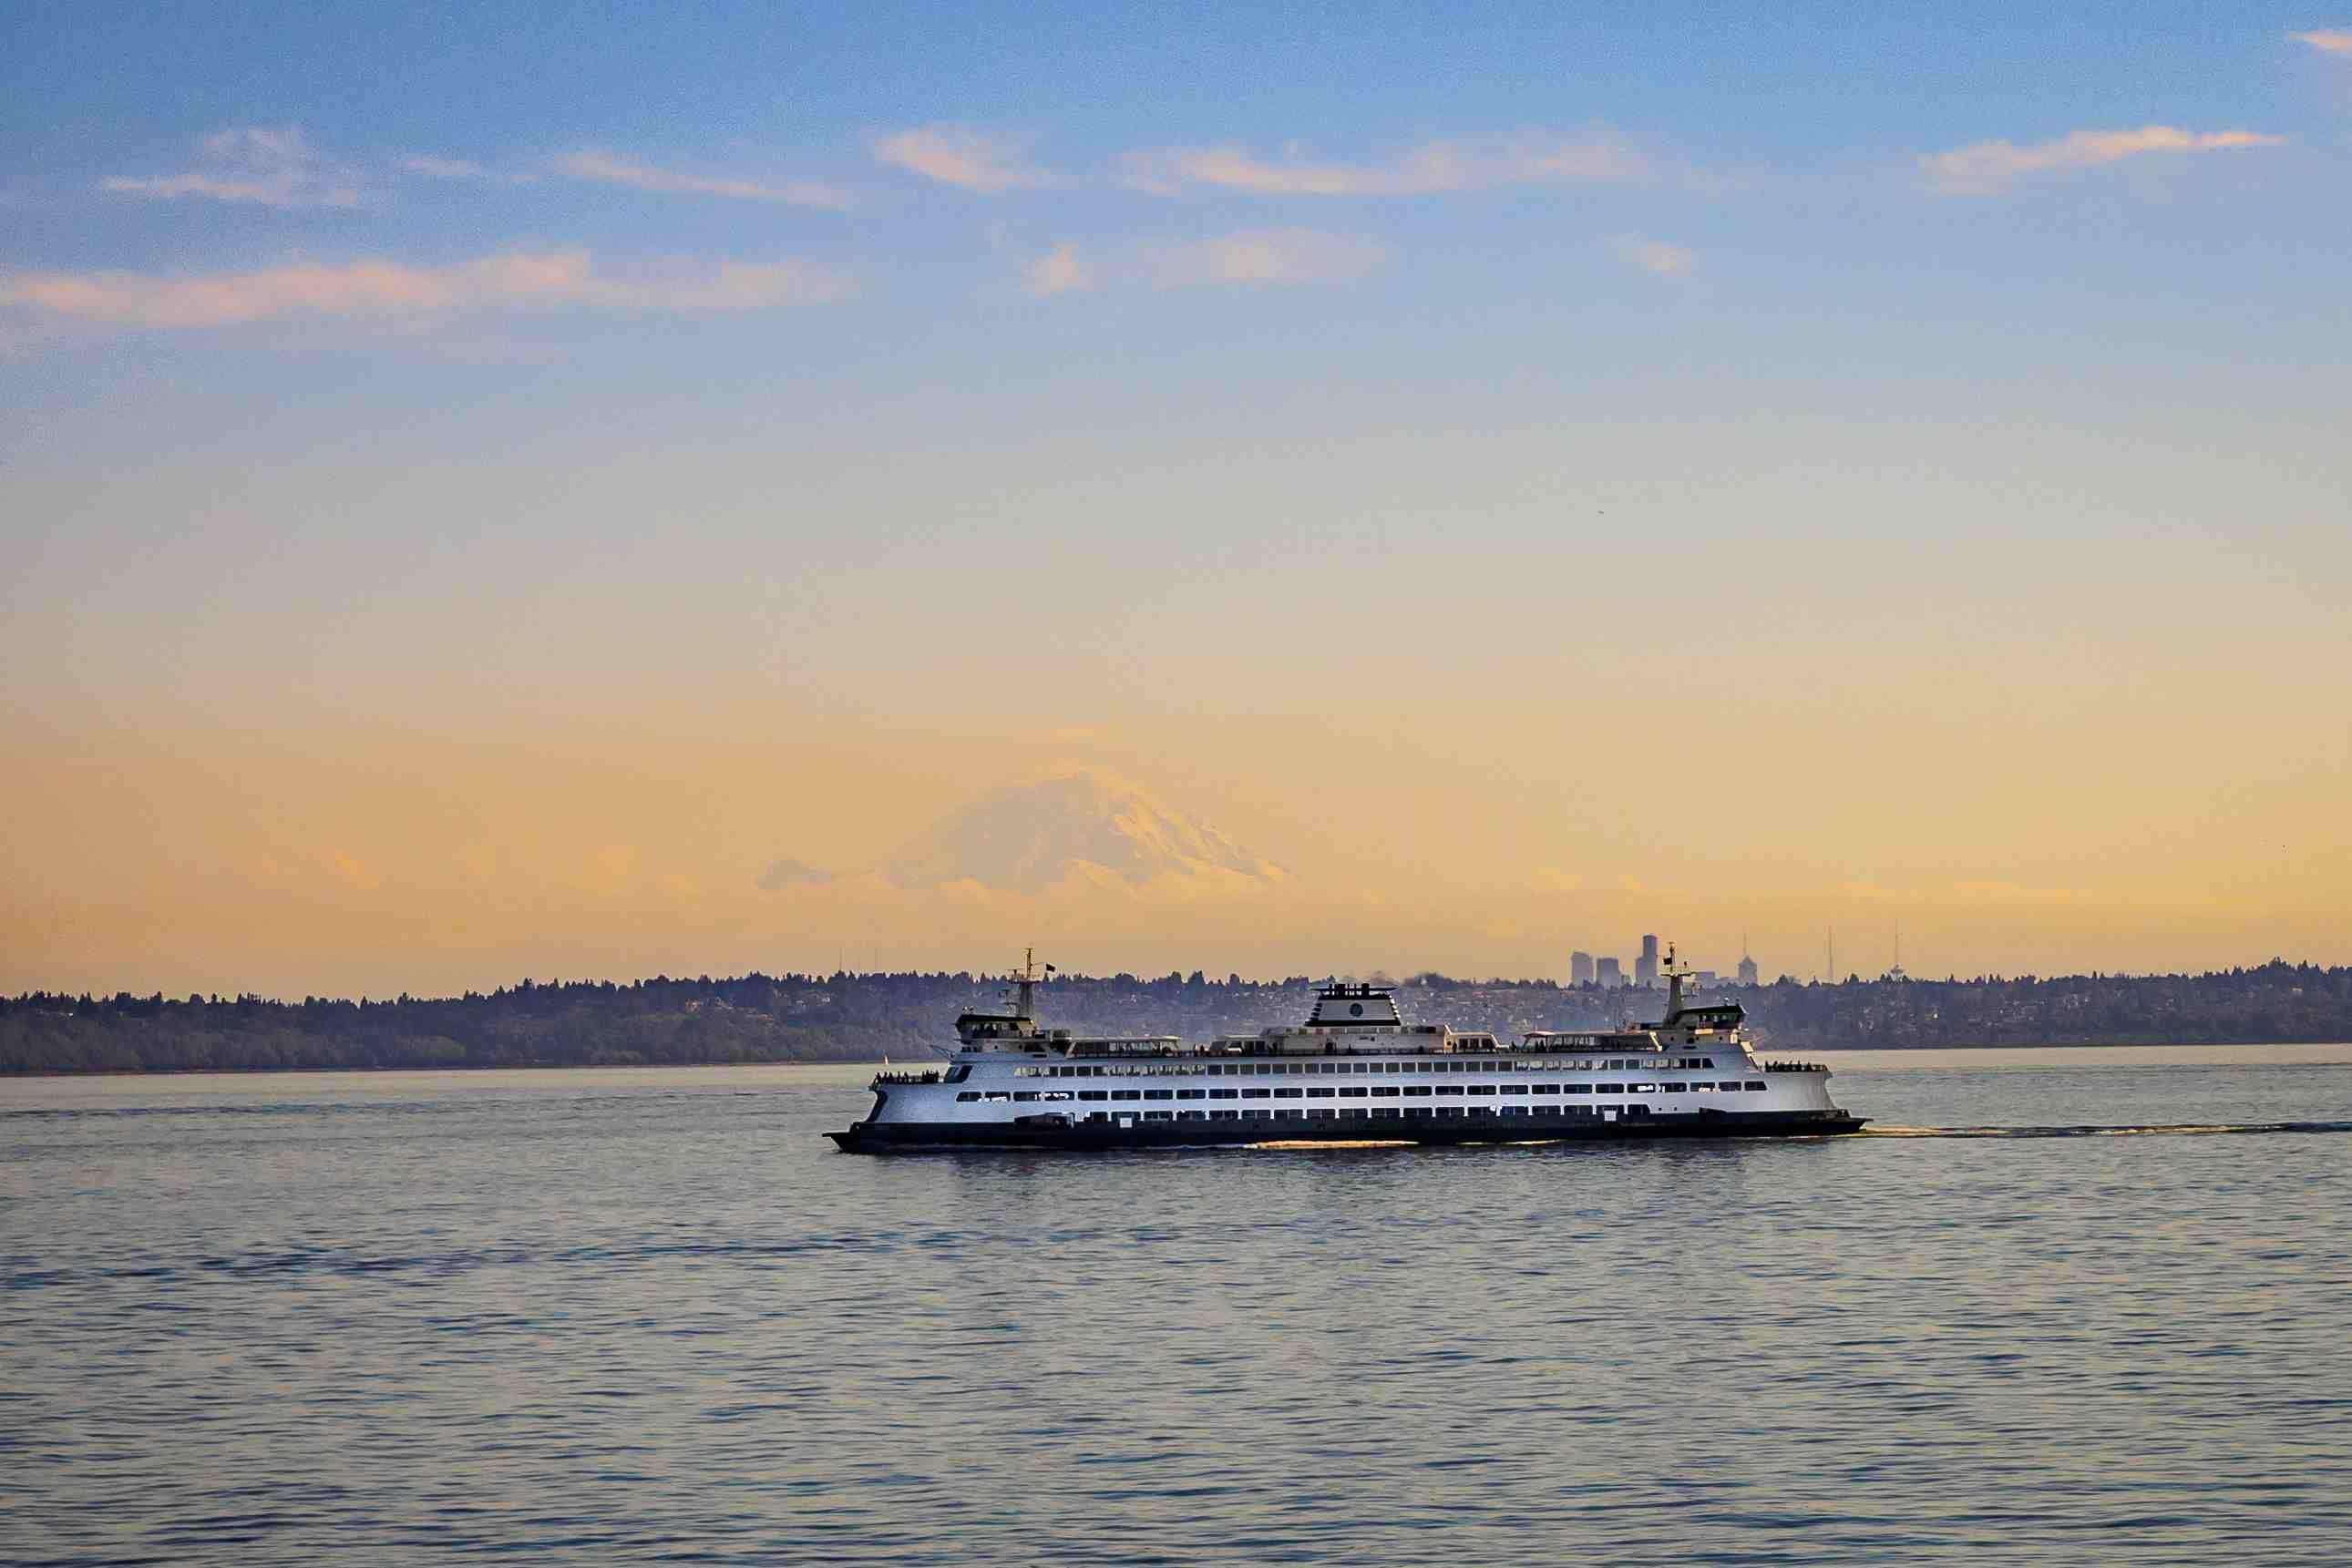 Un ferry atraviesa Puget Sound